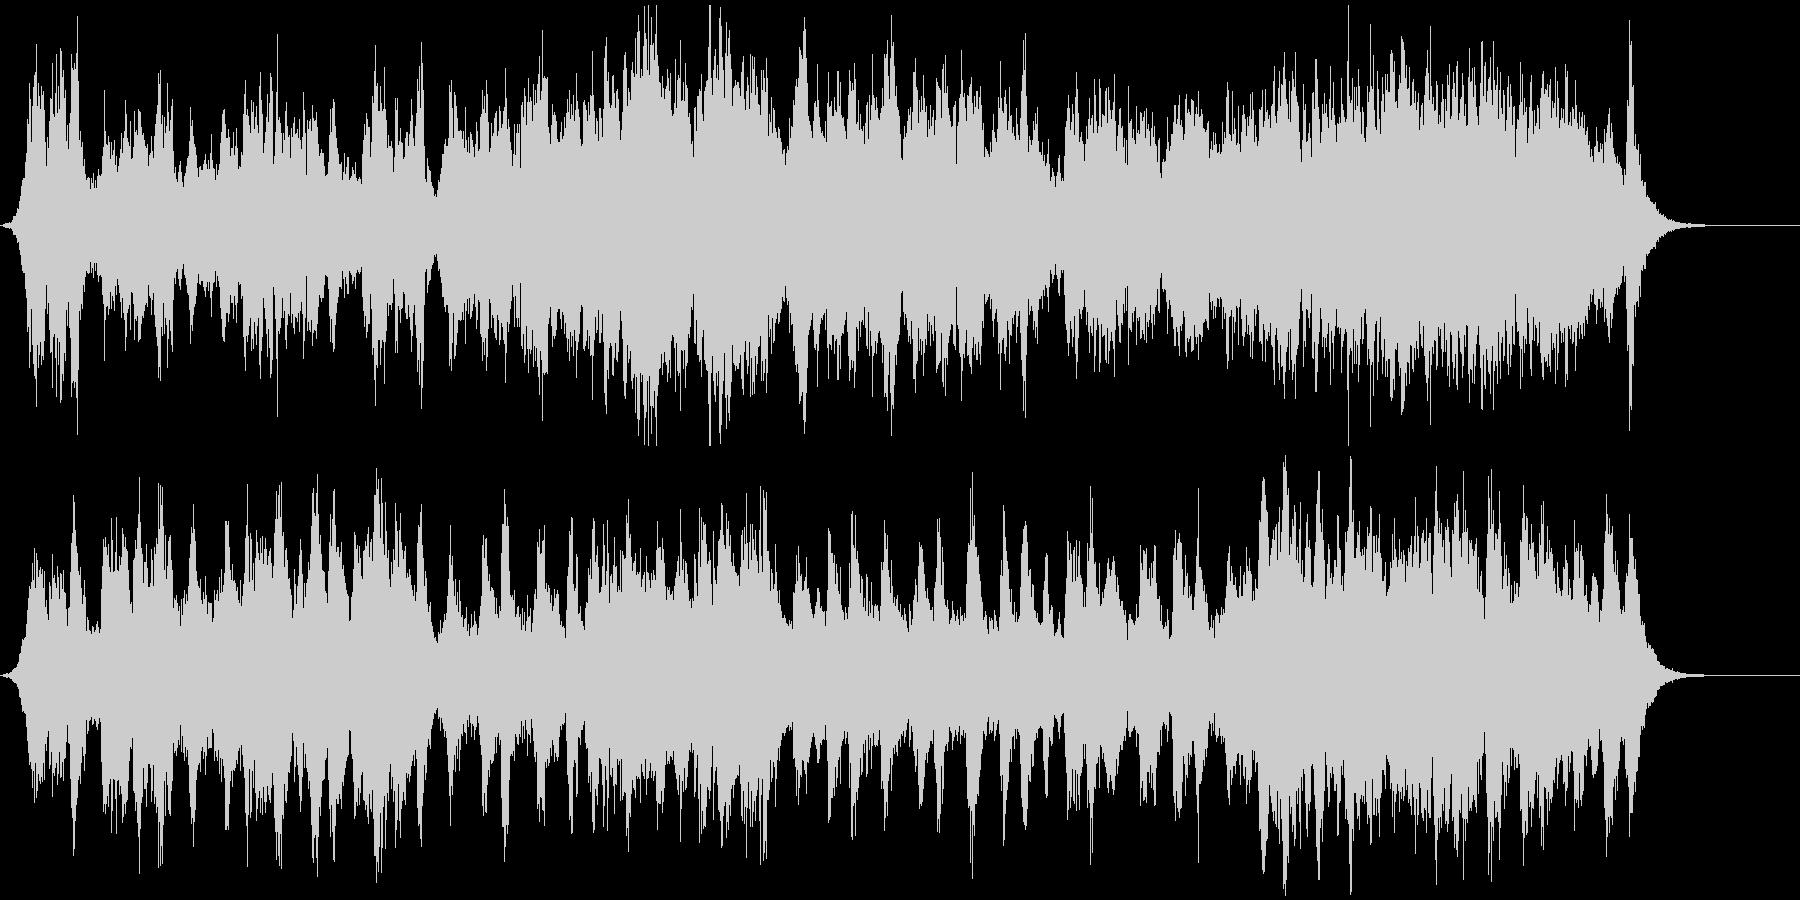 オープニング向けの壮大なオーケストラの未再生の波形